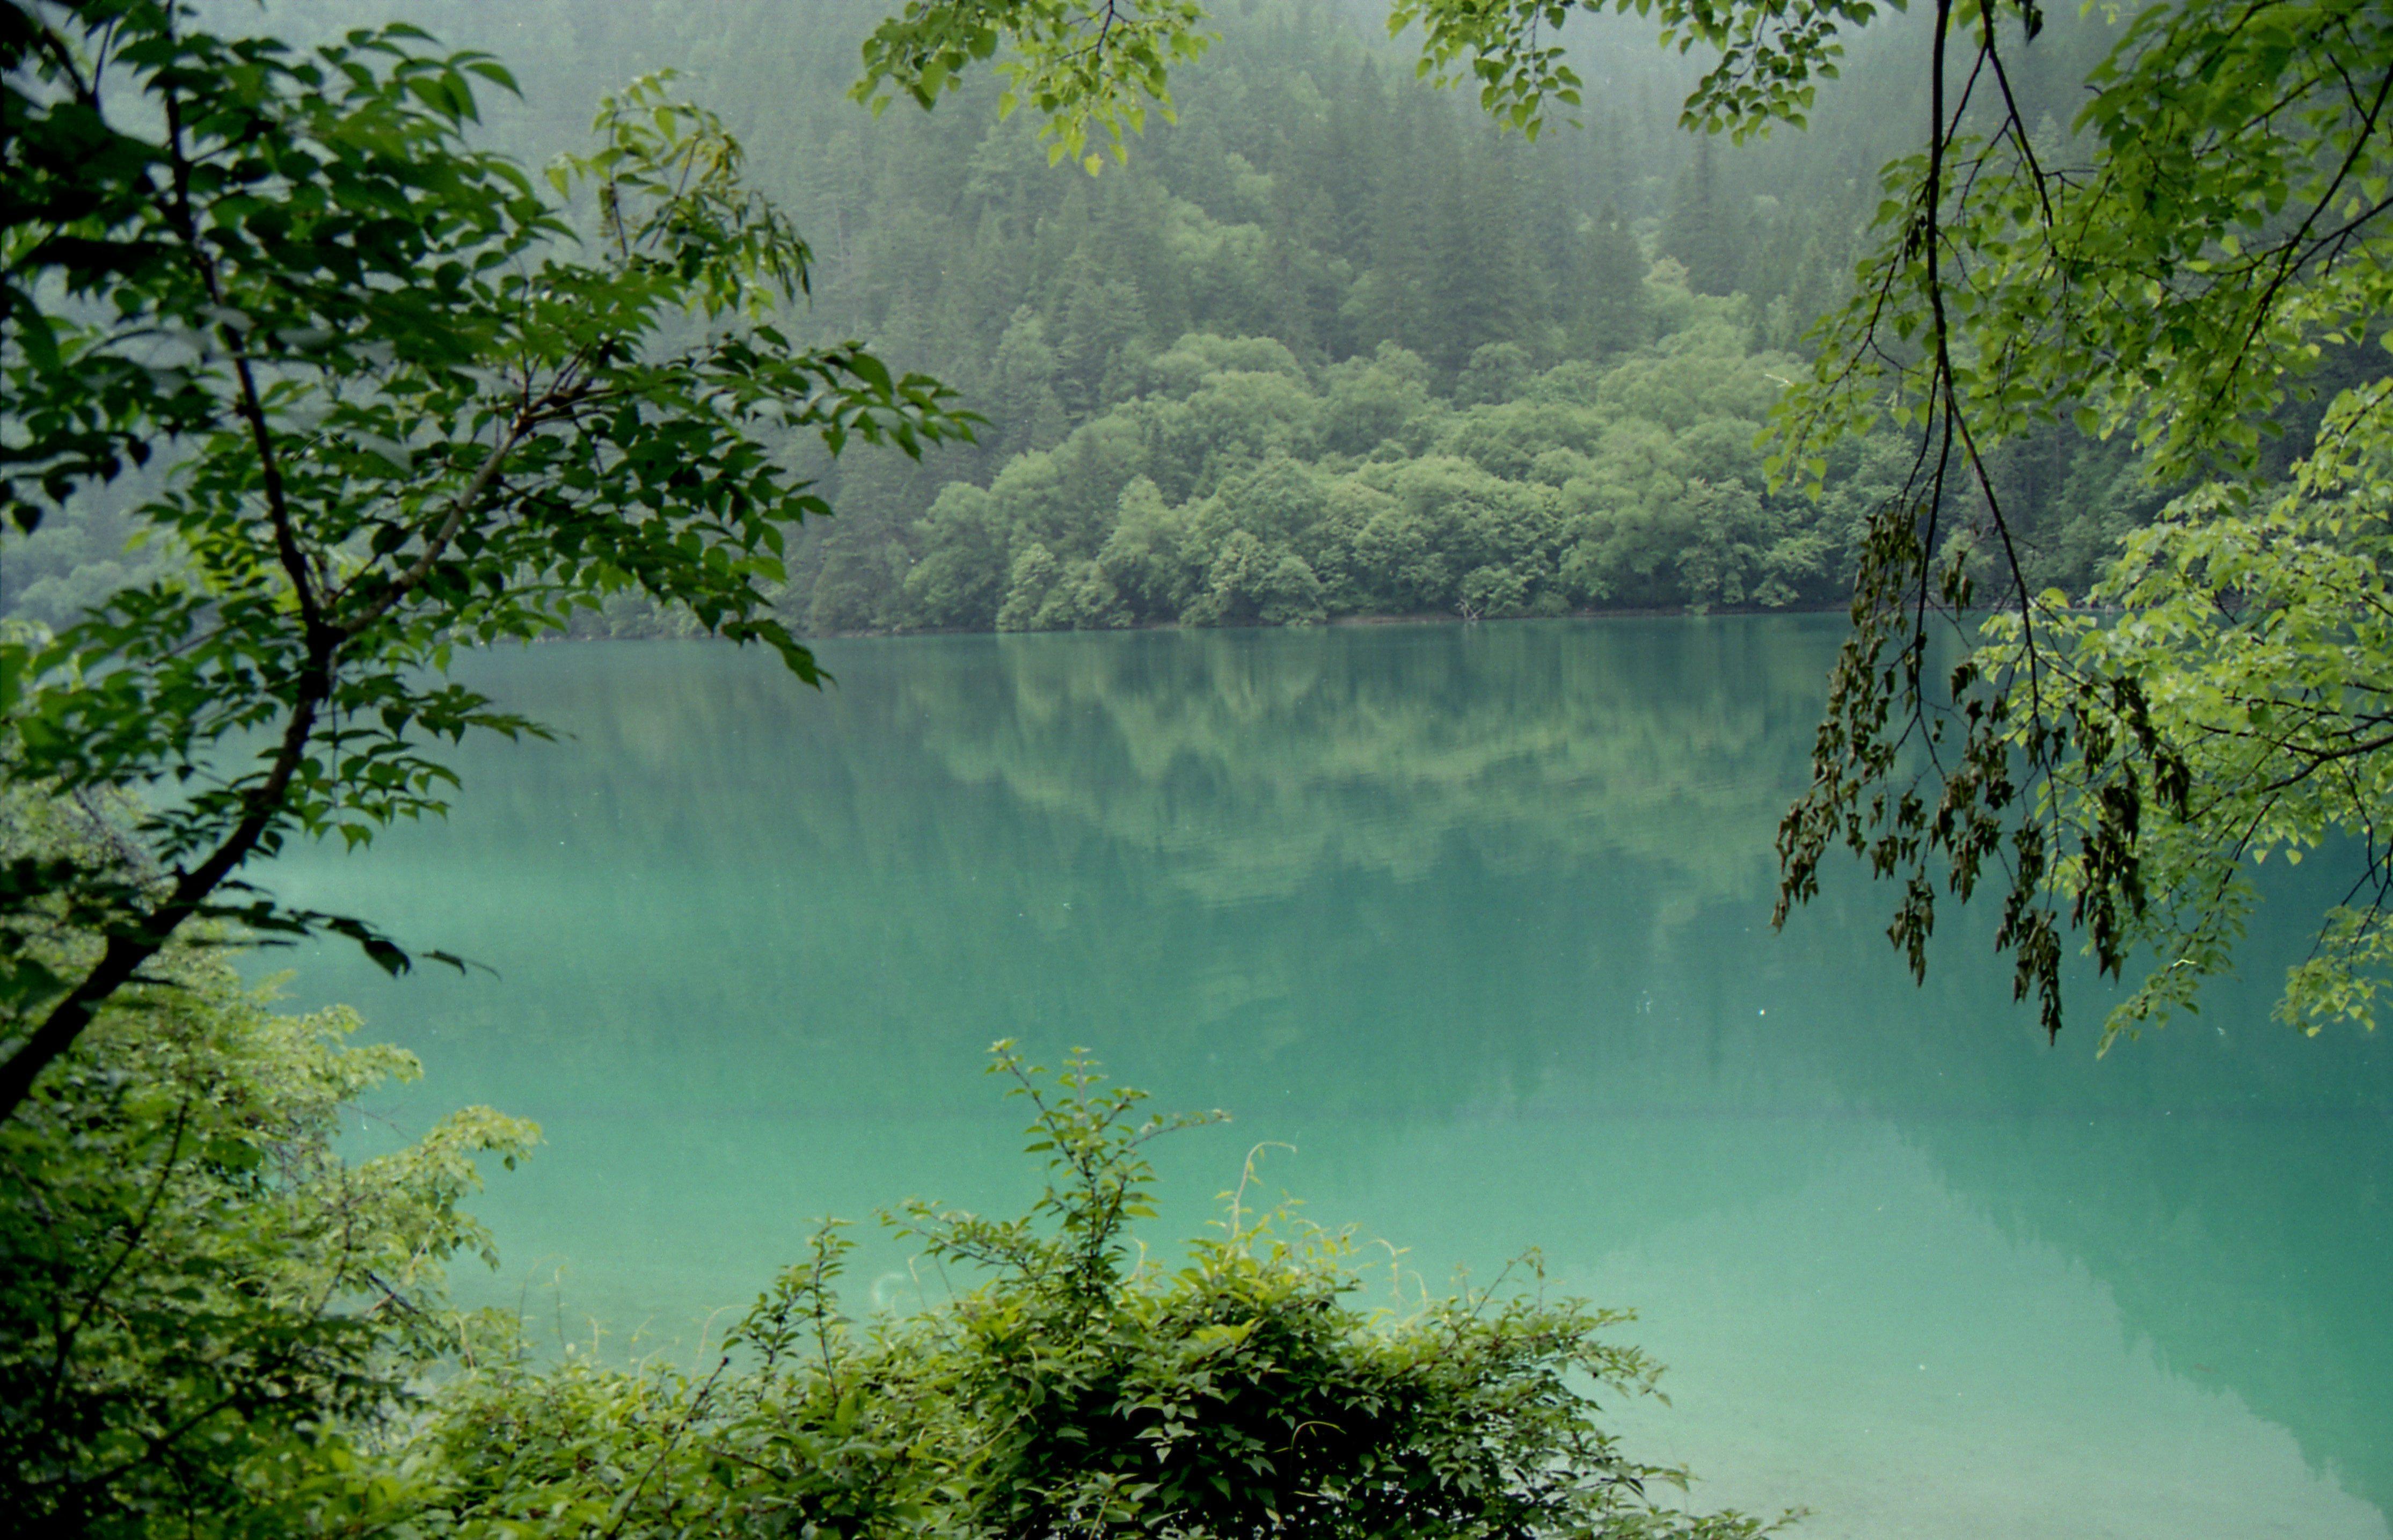 世上最美山水风景图片-壁纸九寨沟